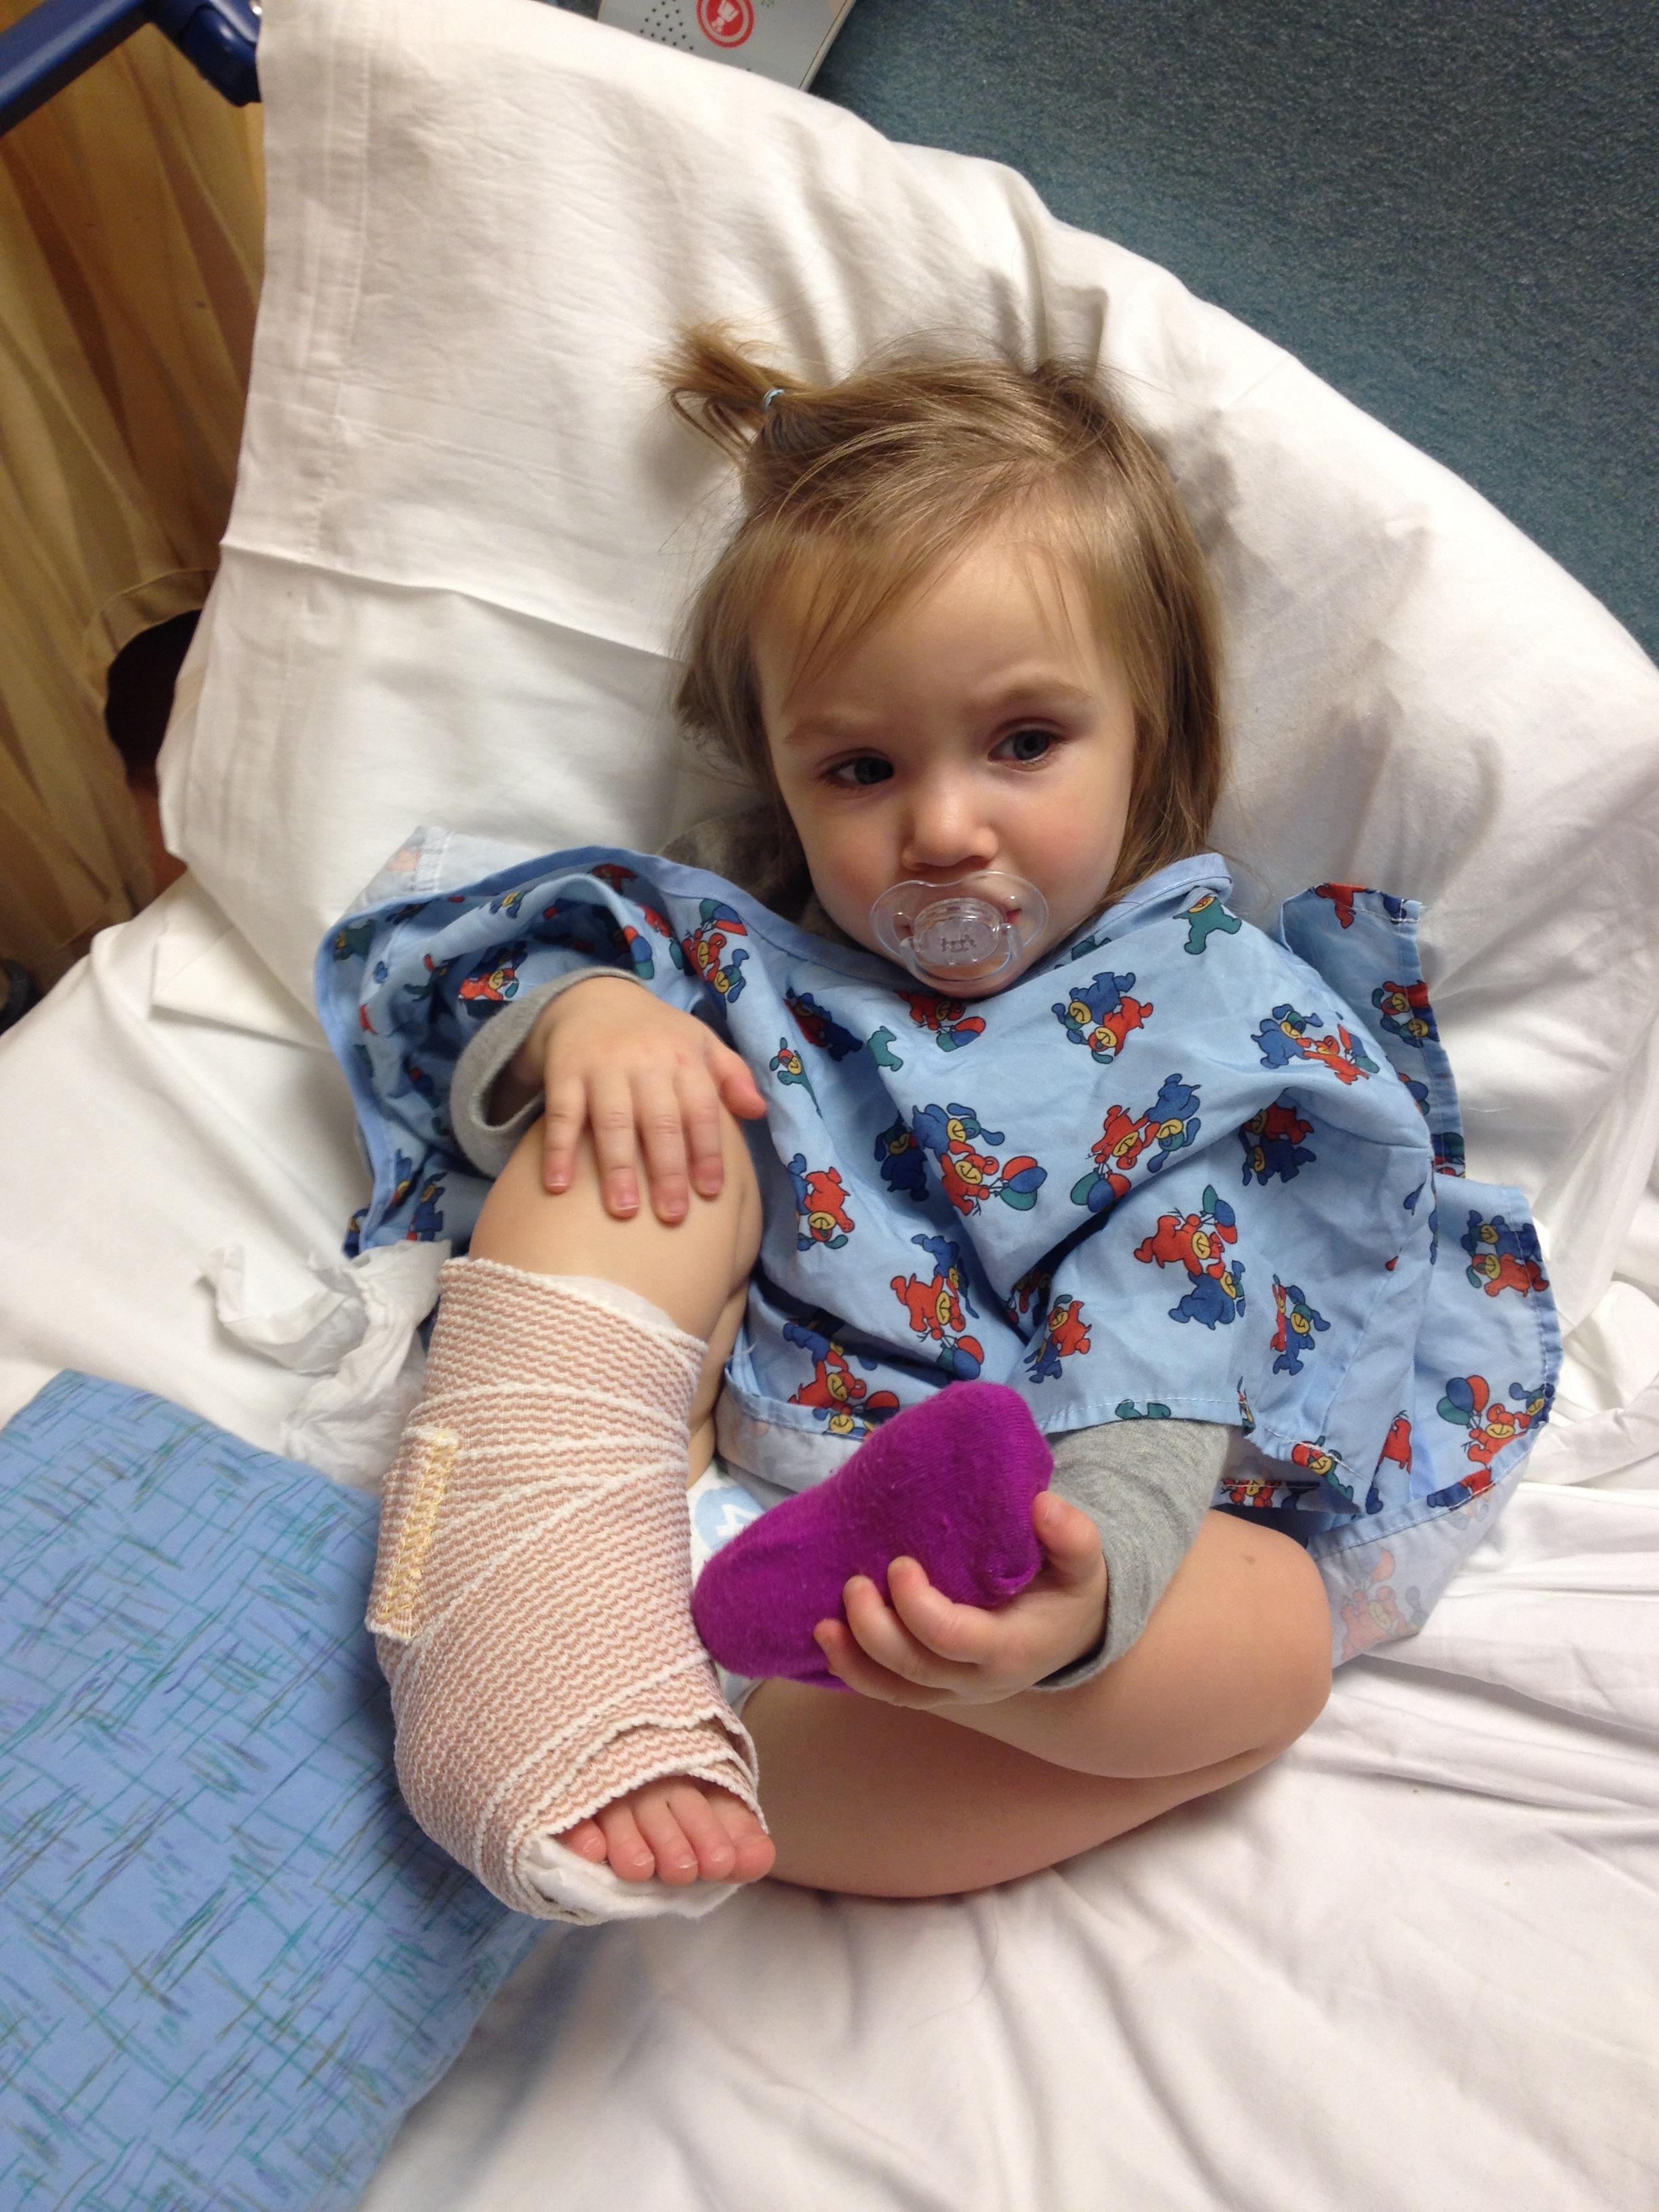 Toddler with a broken leg